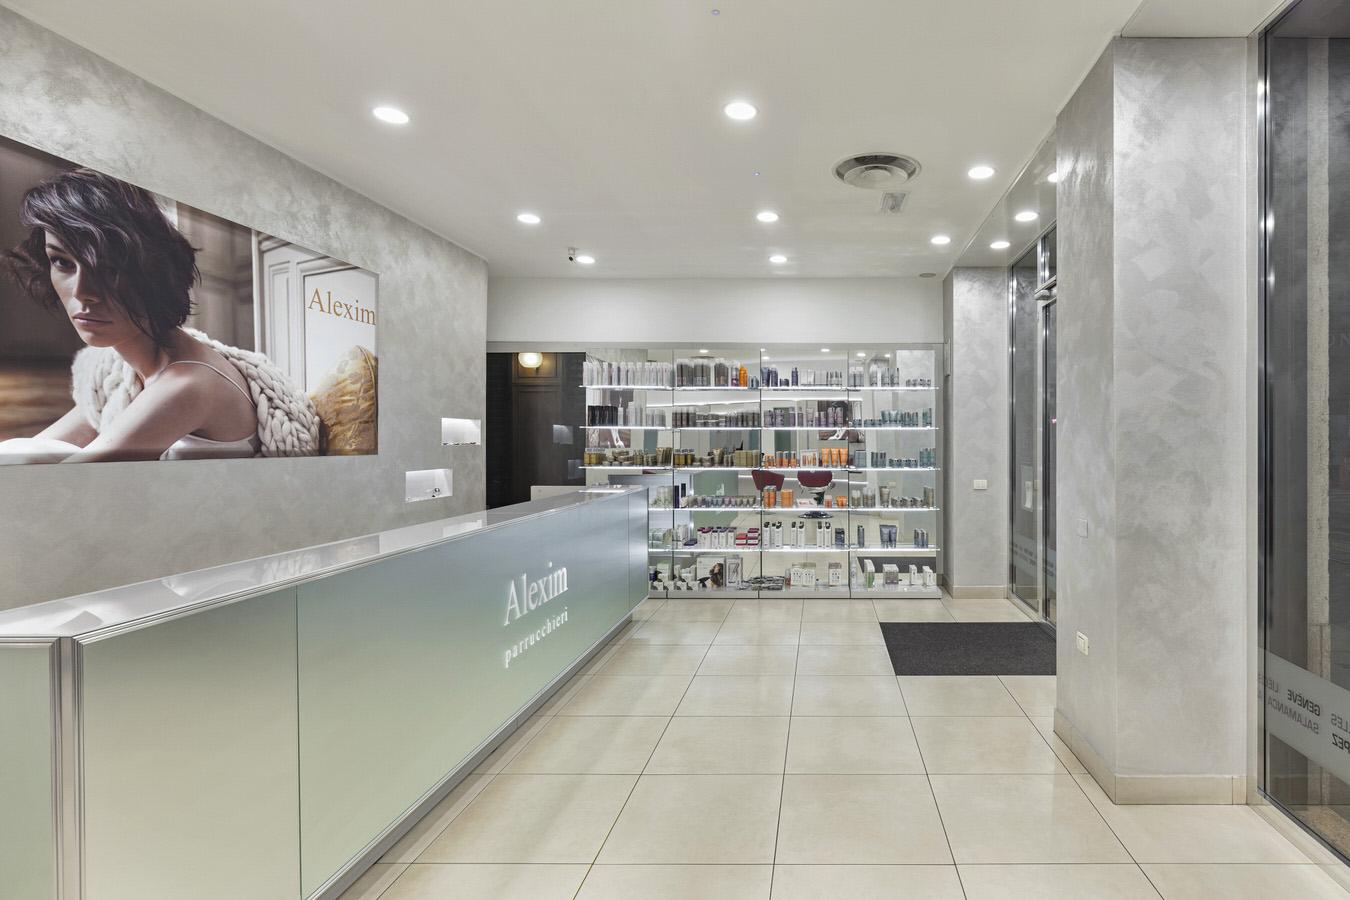 centro estetico a milano alexim parrucchieri e spa